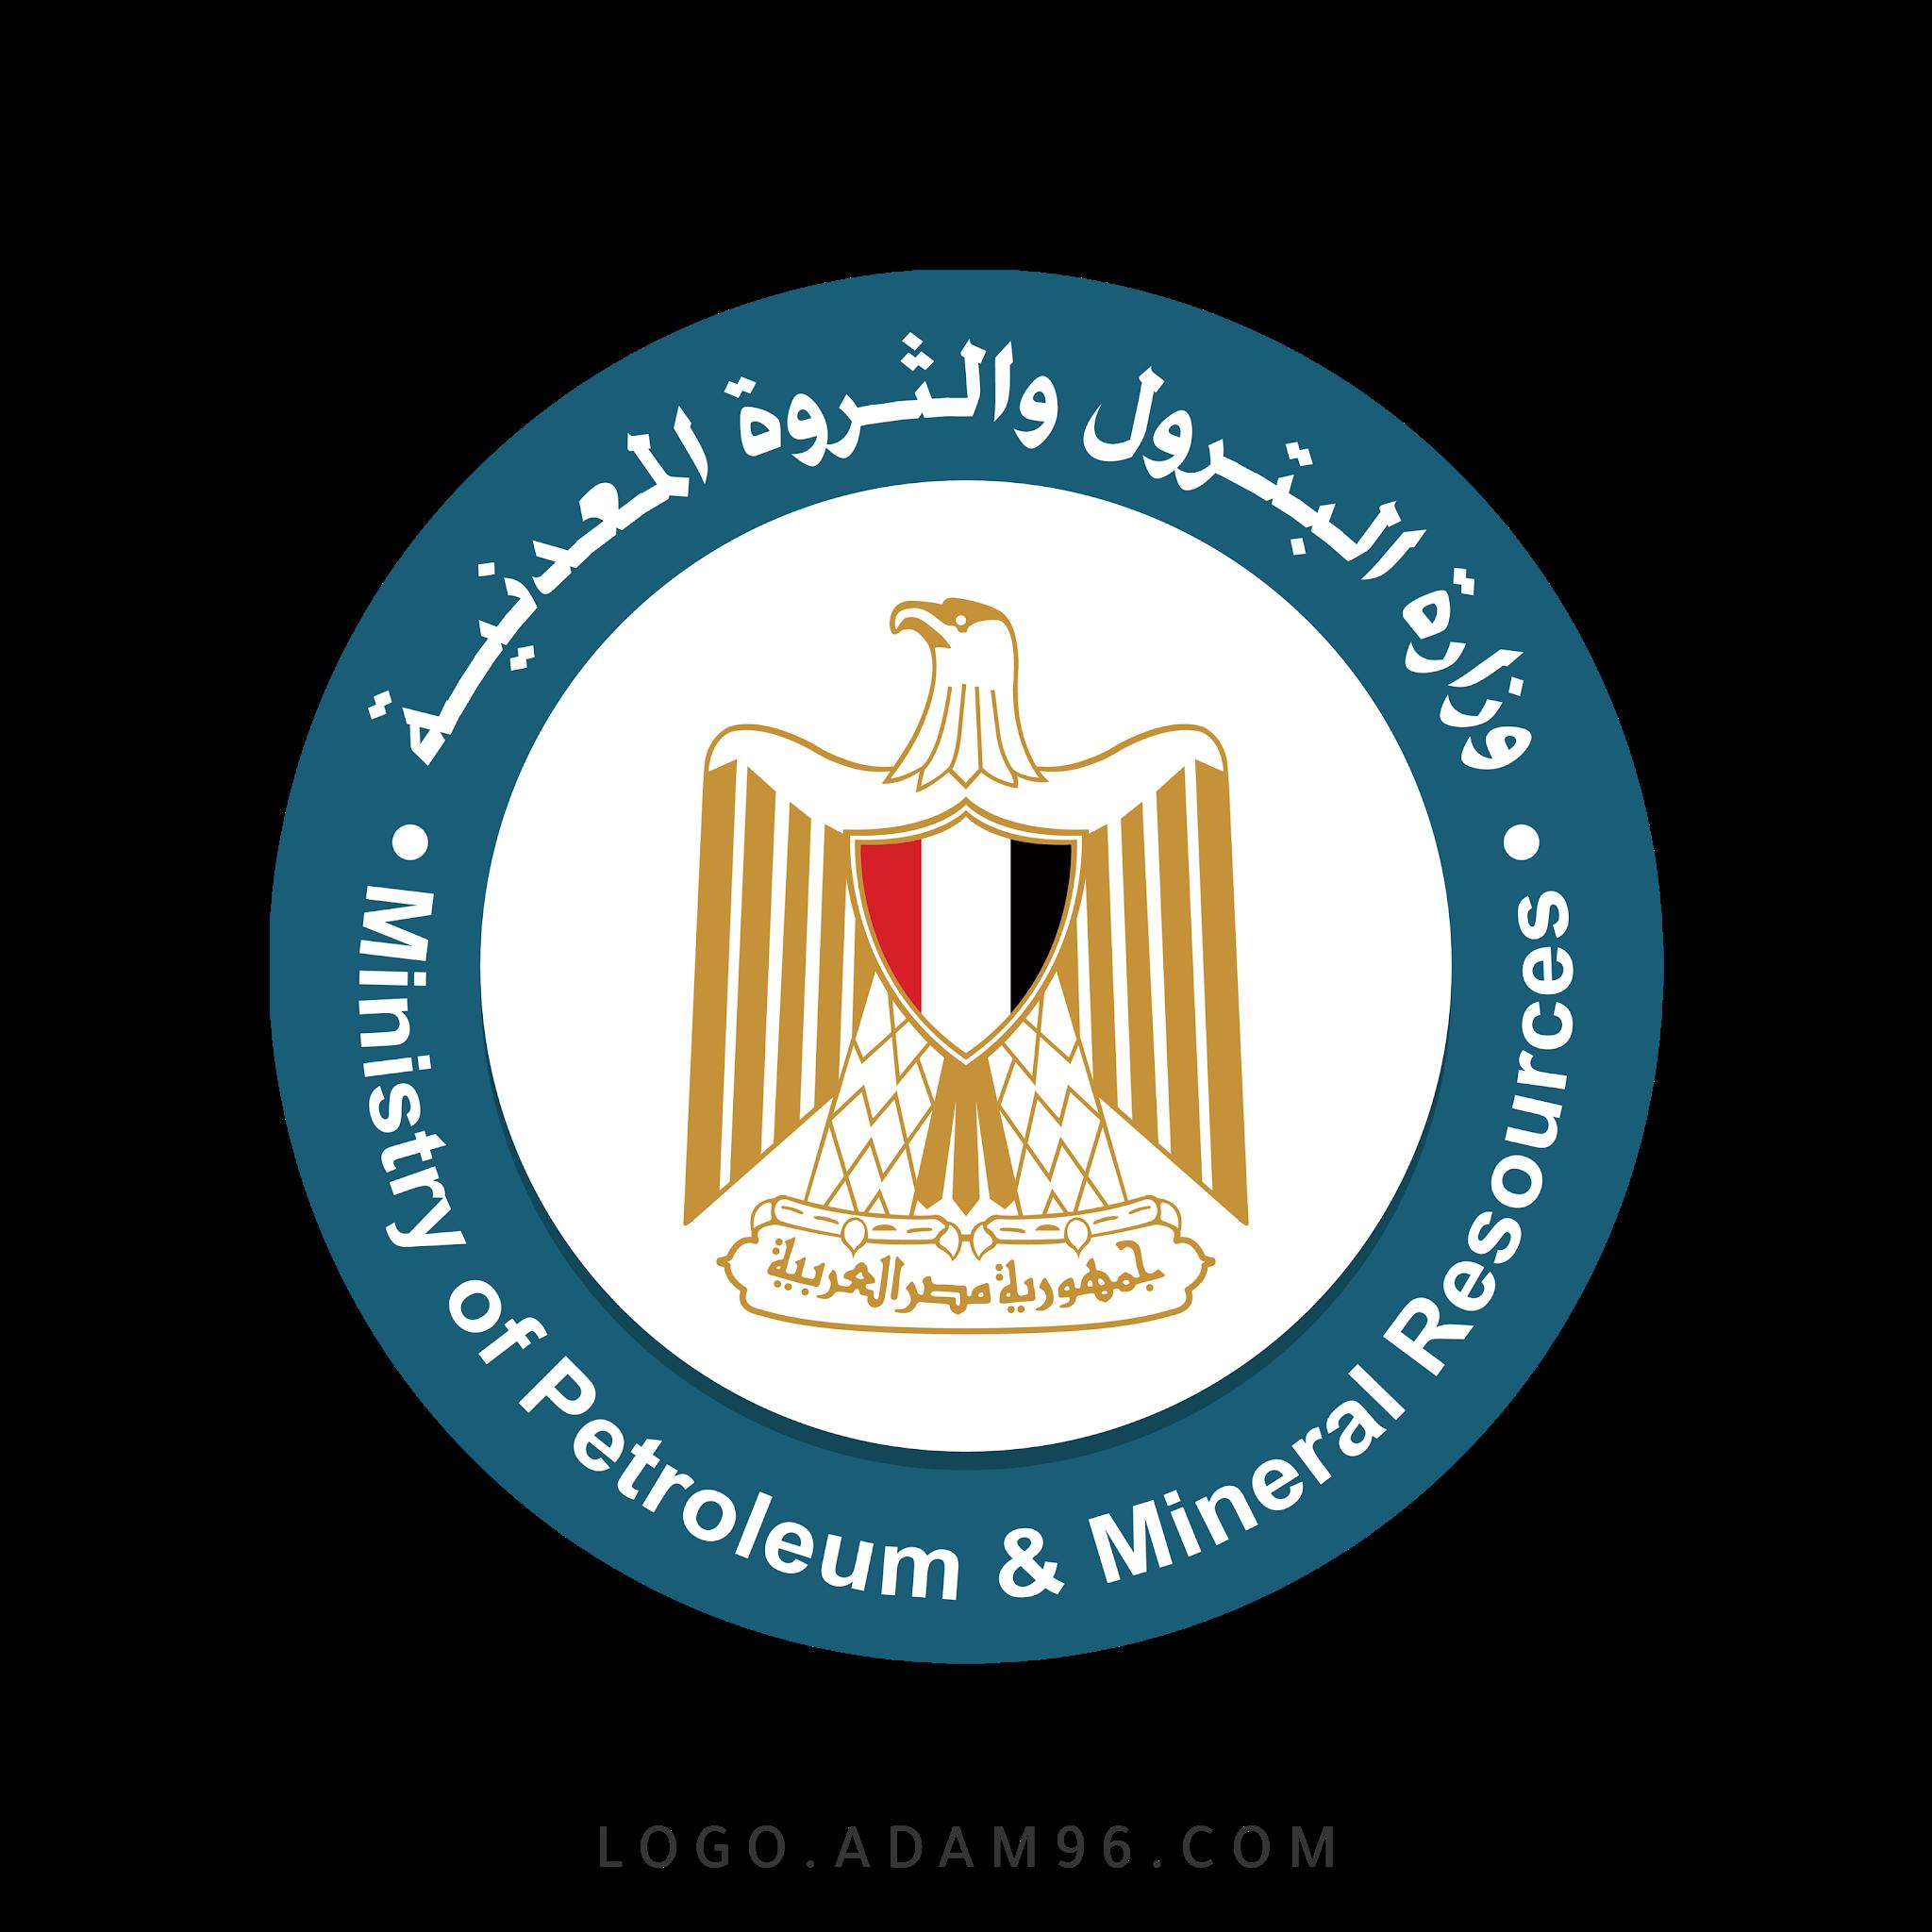 تحميل شعار وزارة البترول - مصر لوجو رسمي عالي الجودة PNG